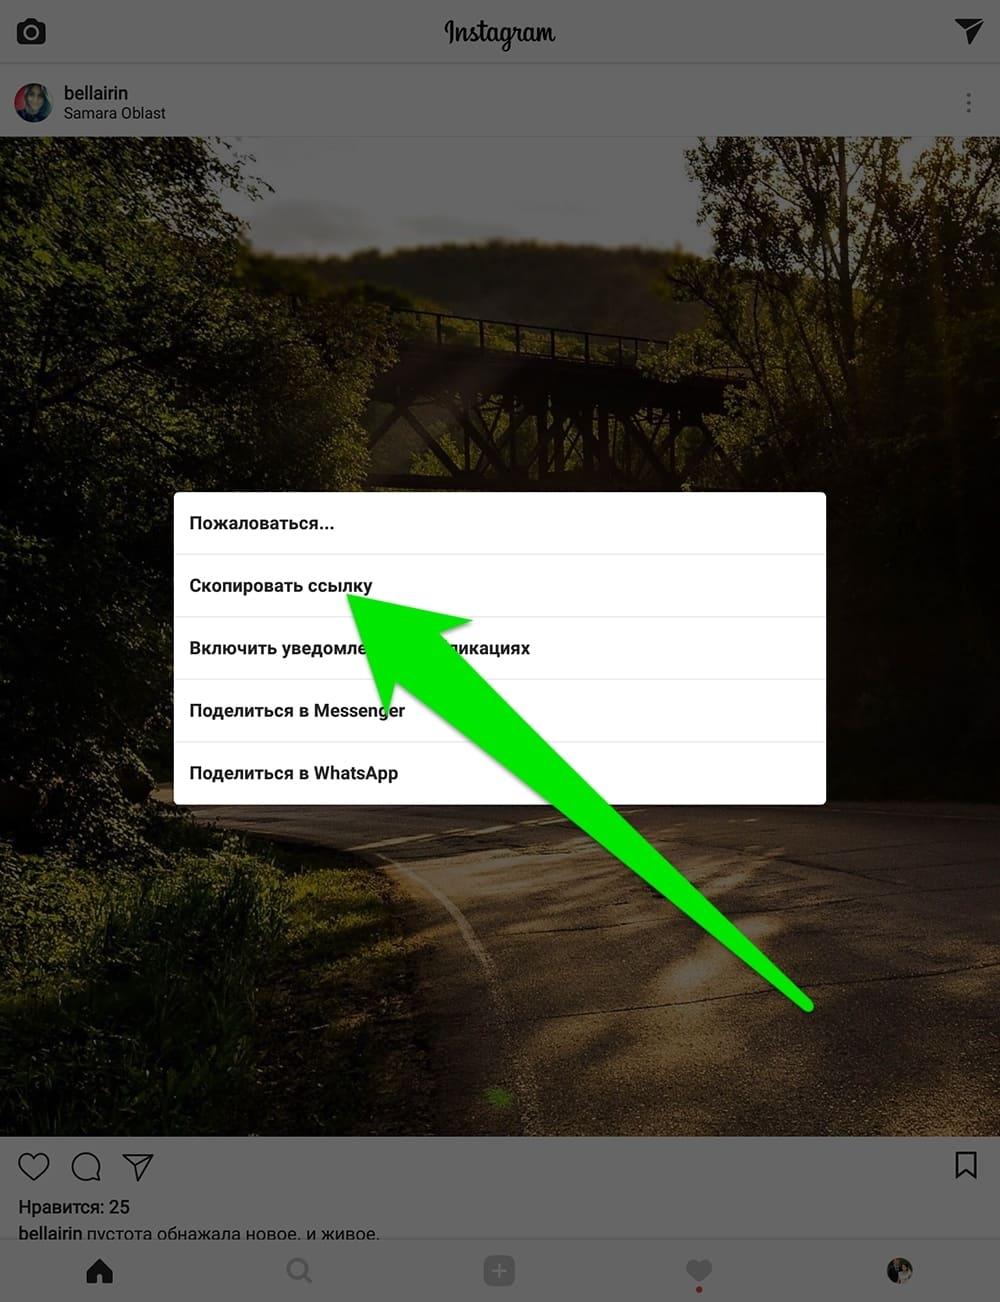 как репостнуть фото с текстом в инстаграме